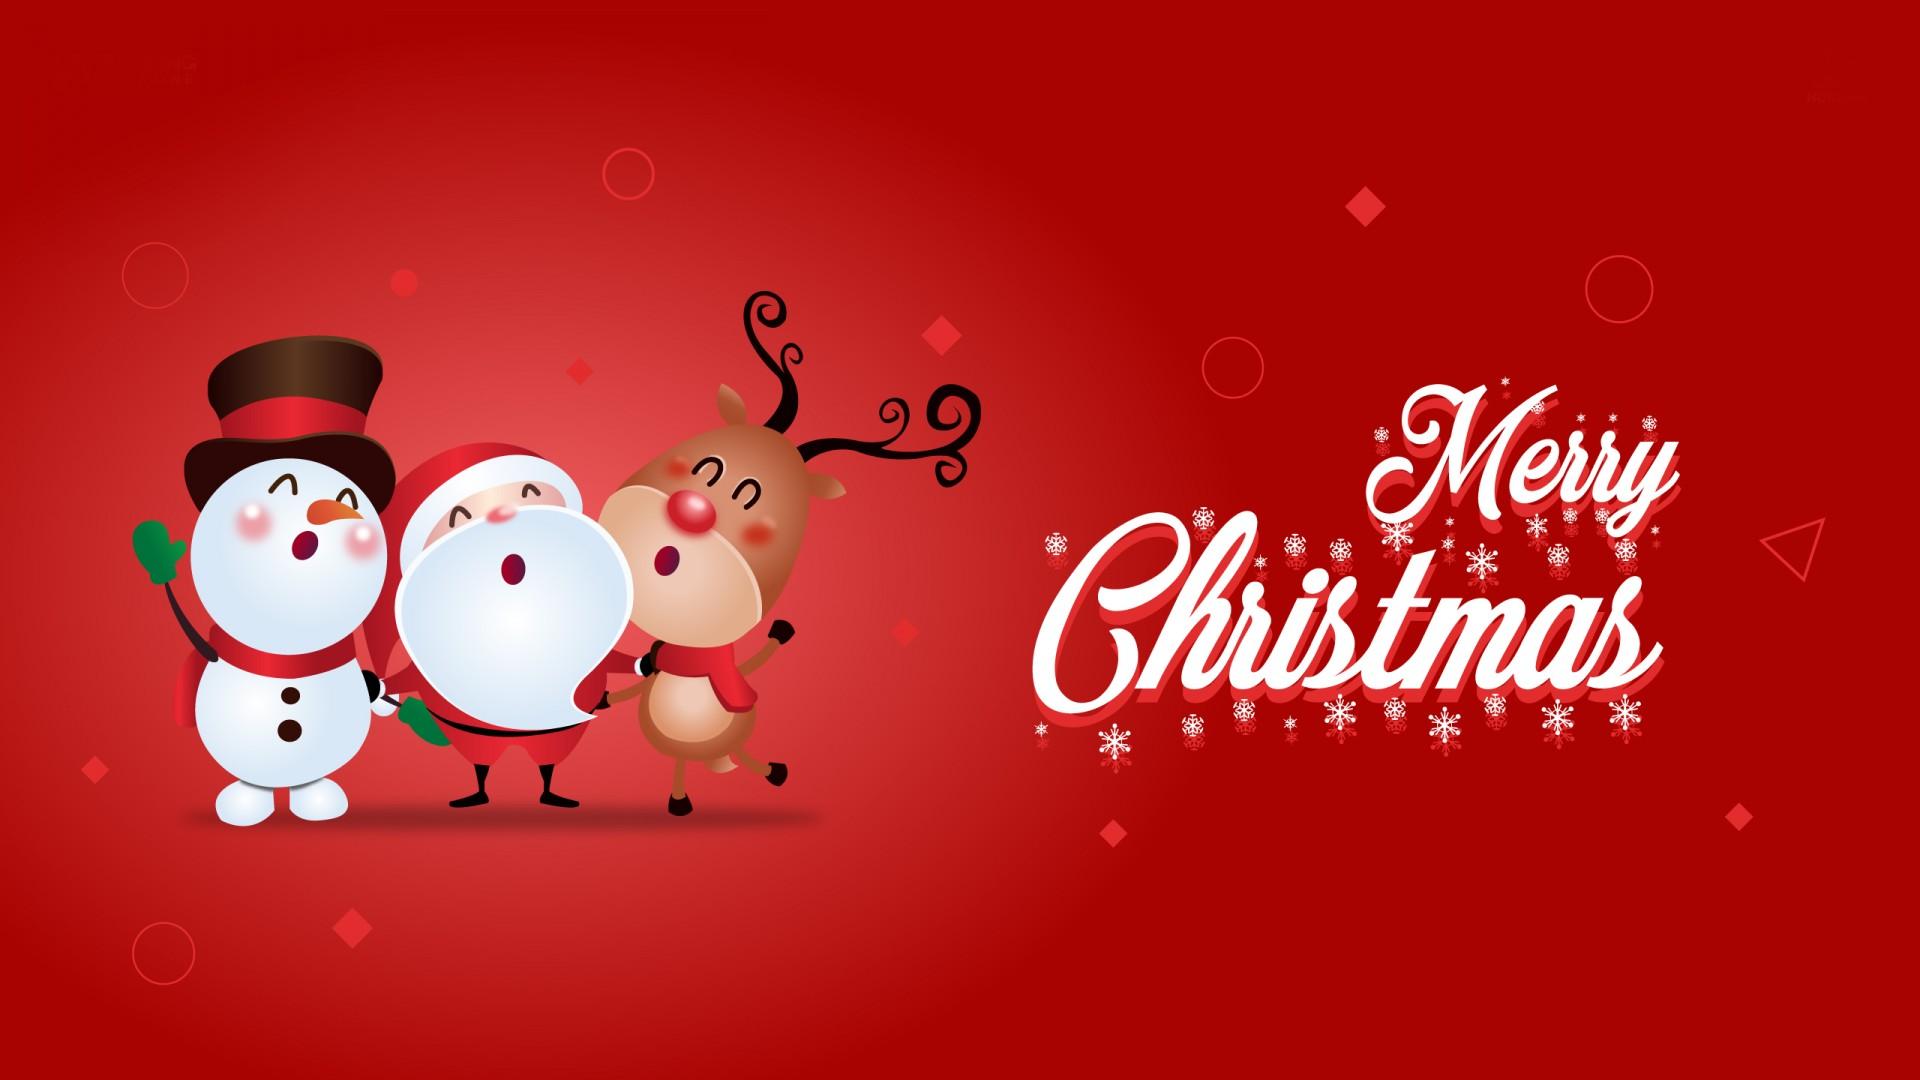 Cute Christmas Owl Desktop Wallpaper Merry Christmas Hd Wallpapers Hd Wallpapers Id 22611